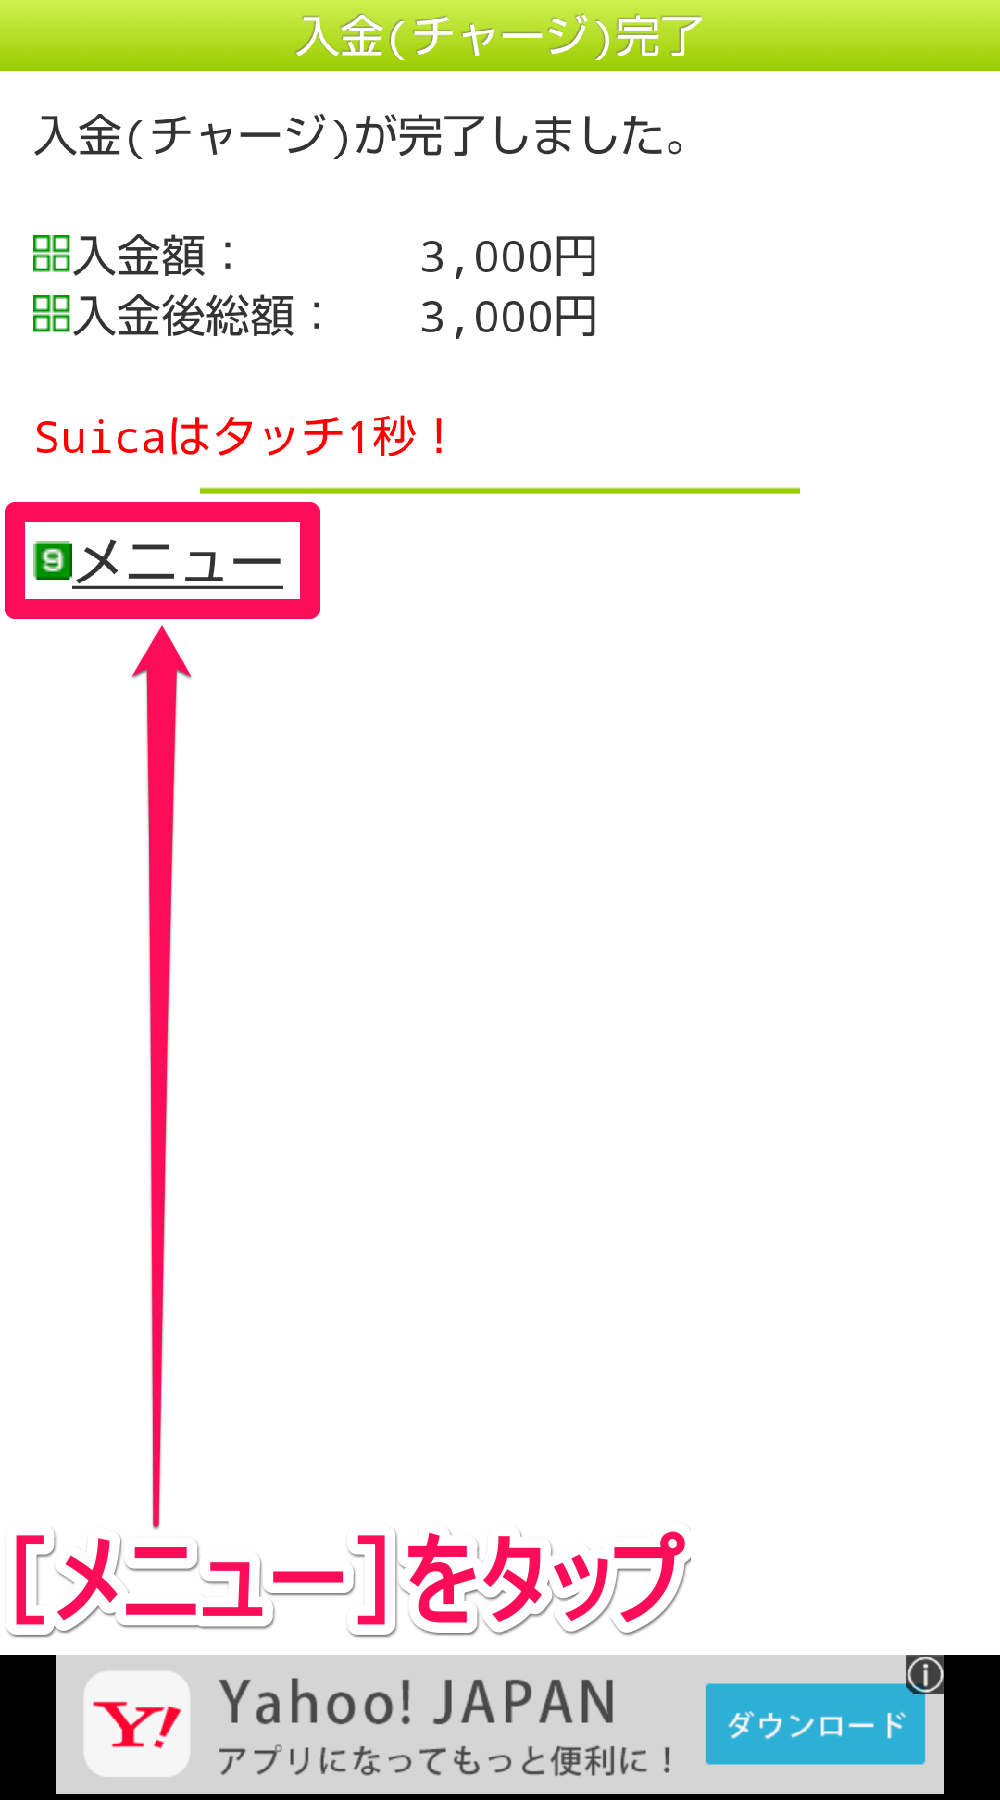 Android(アンドロイド)スマートフォン版「モバイルSuica」アプリの「入金(チャージ)完了」画面